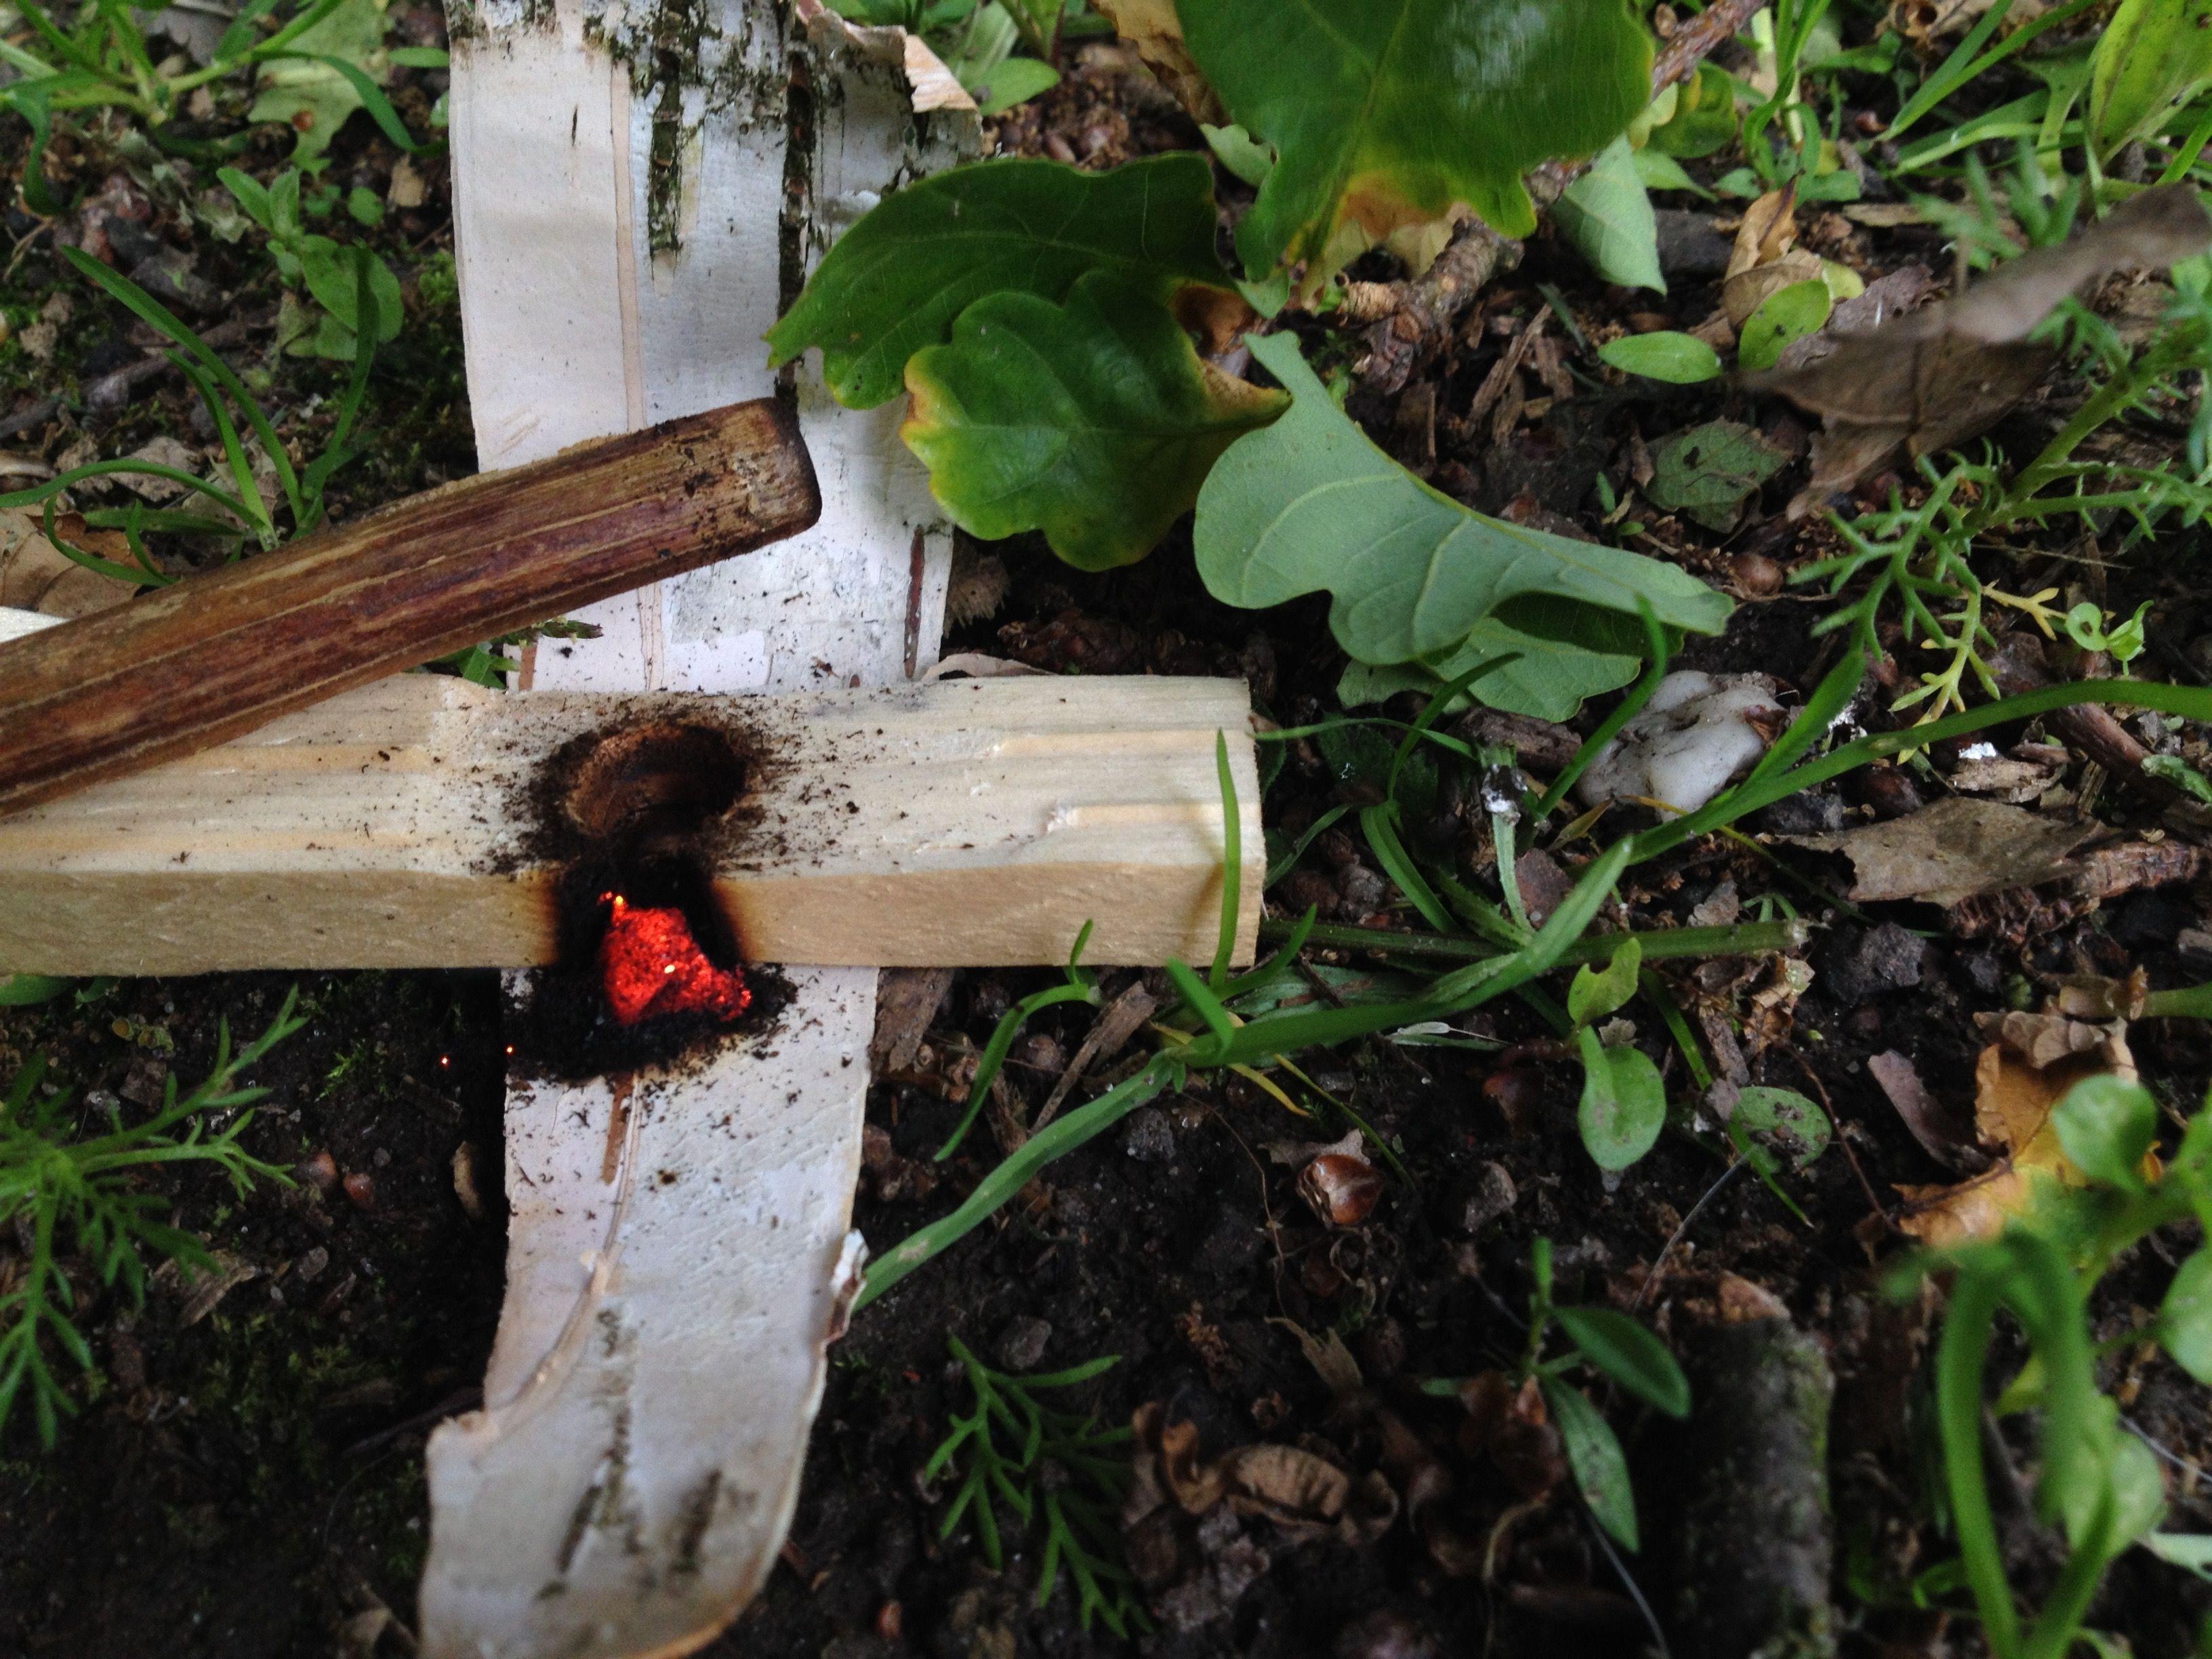 kooltje gemaakt met de handboor techniek. /fire ember made, hand drilling technique.